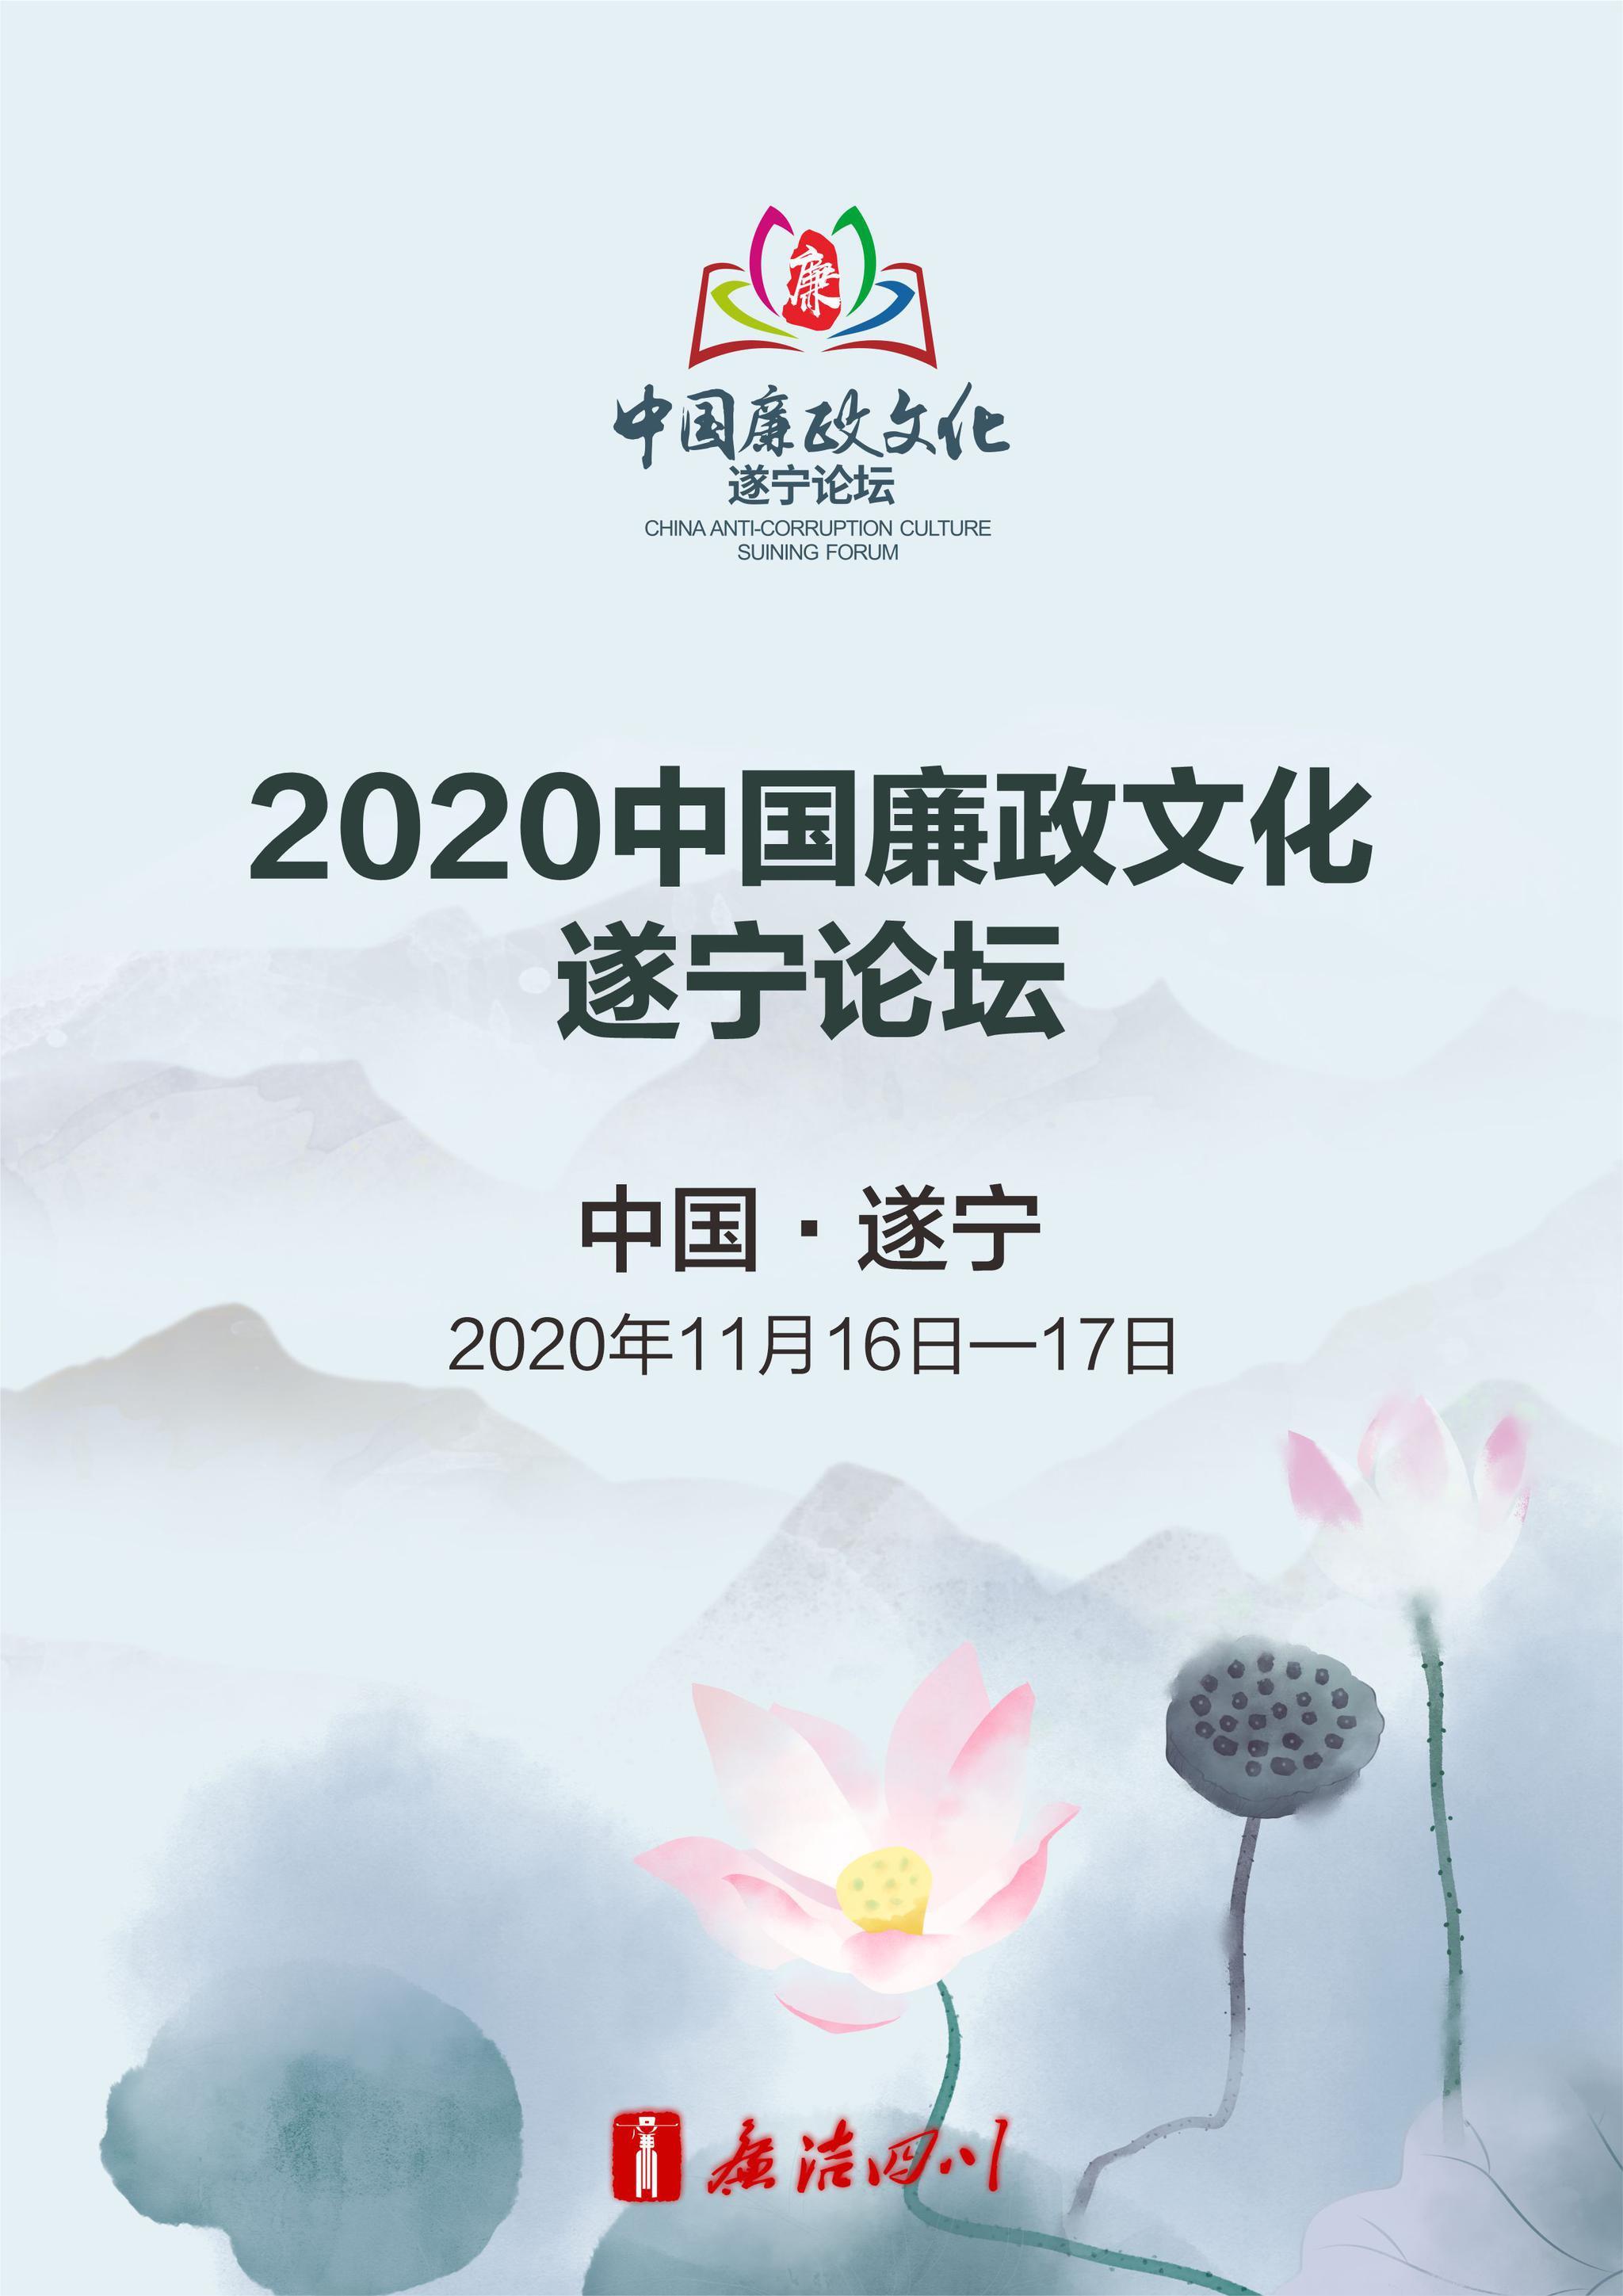 2020 中国廉政文化遂宁论坛即将开幕图片